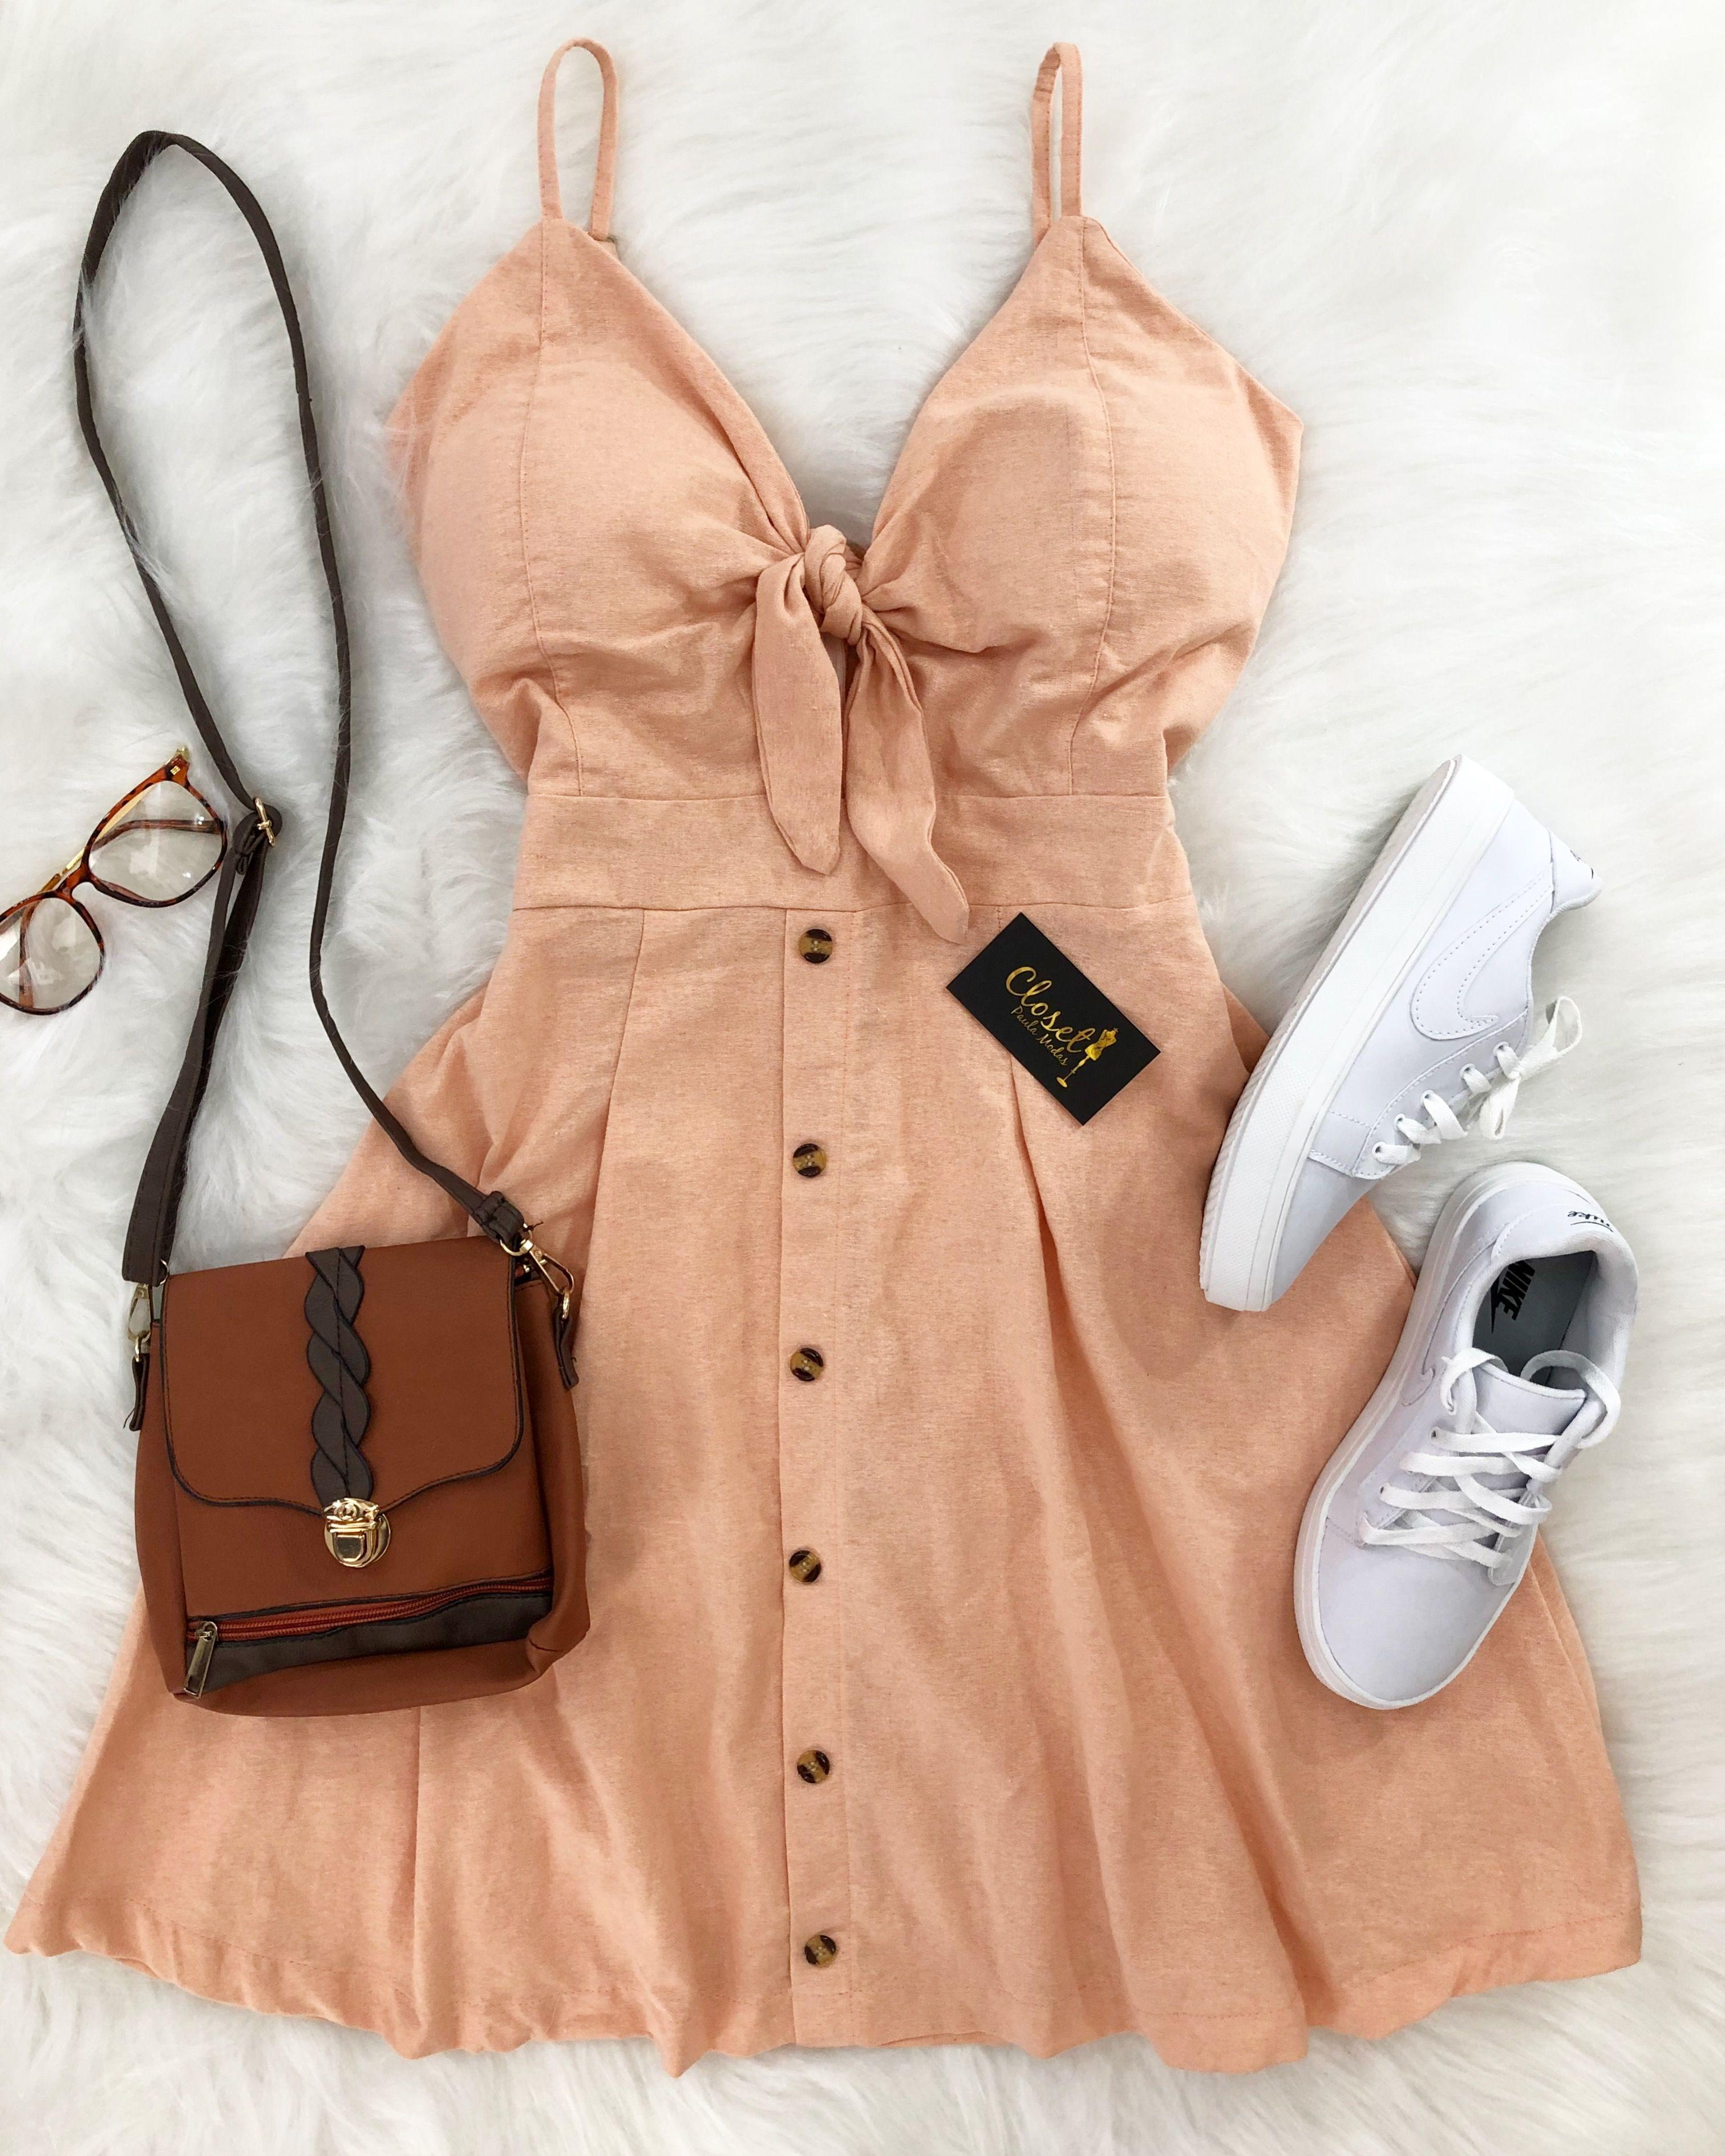 Vestido festa | Looks vestidos, Roupas, Roupas tumblr